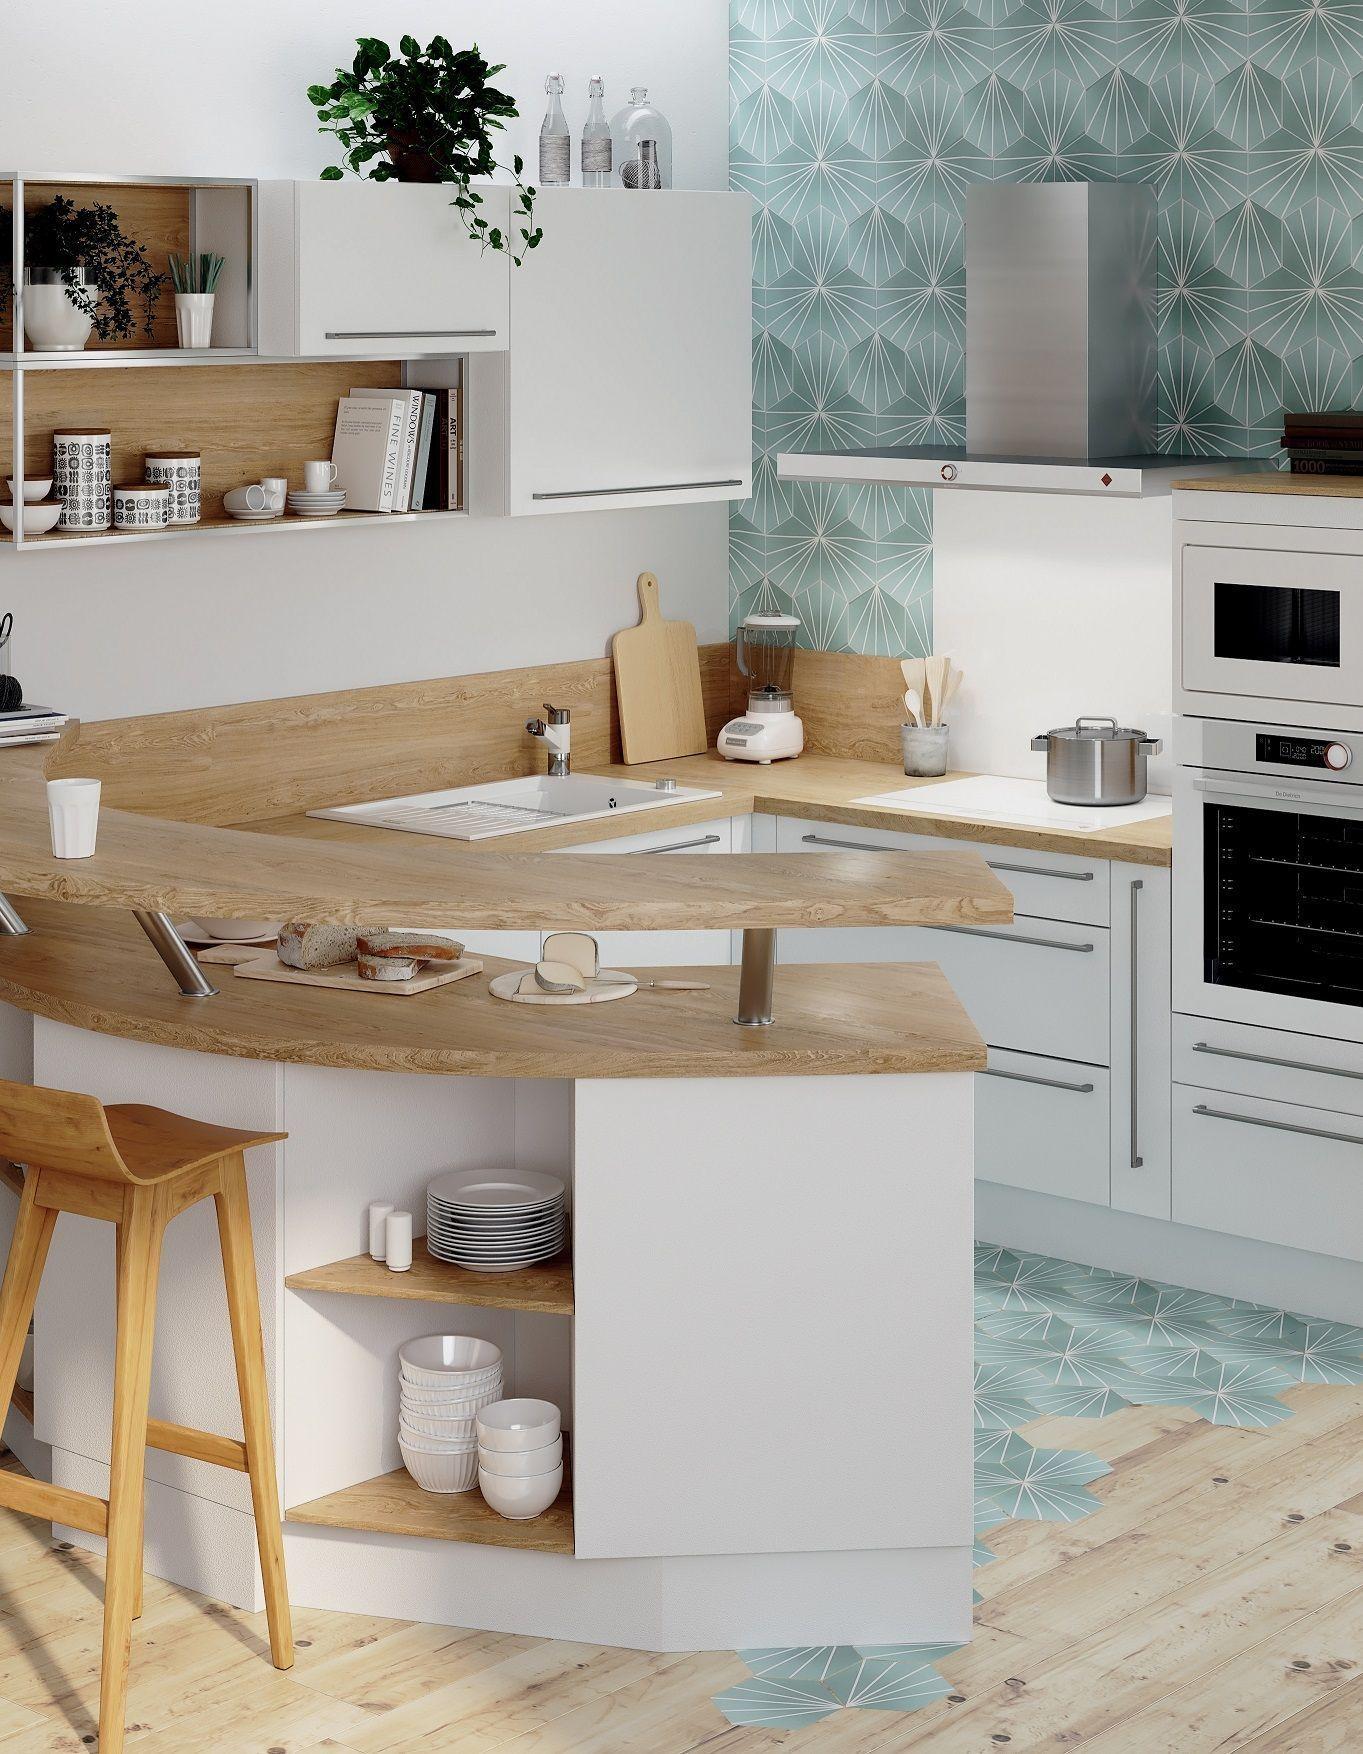 Conforama Petite Kitchenette Remodelage Petite Cuisine Vaisselle Design